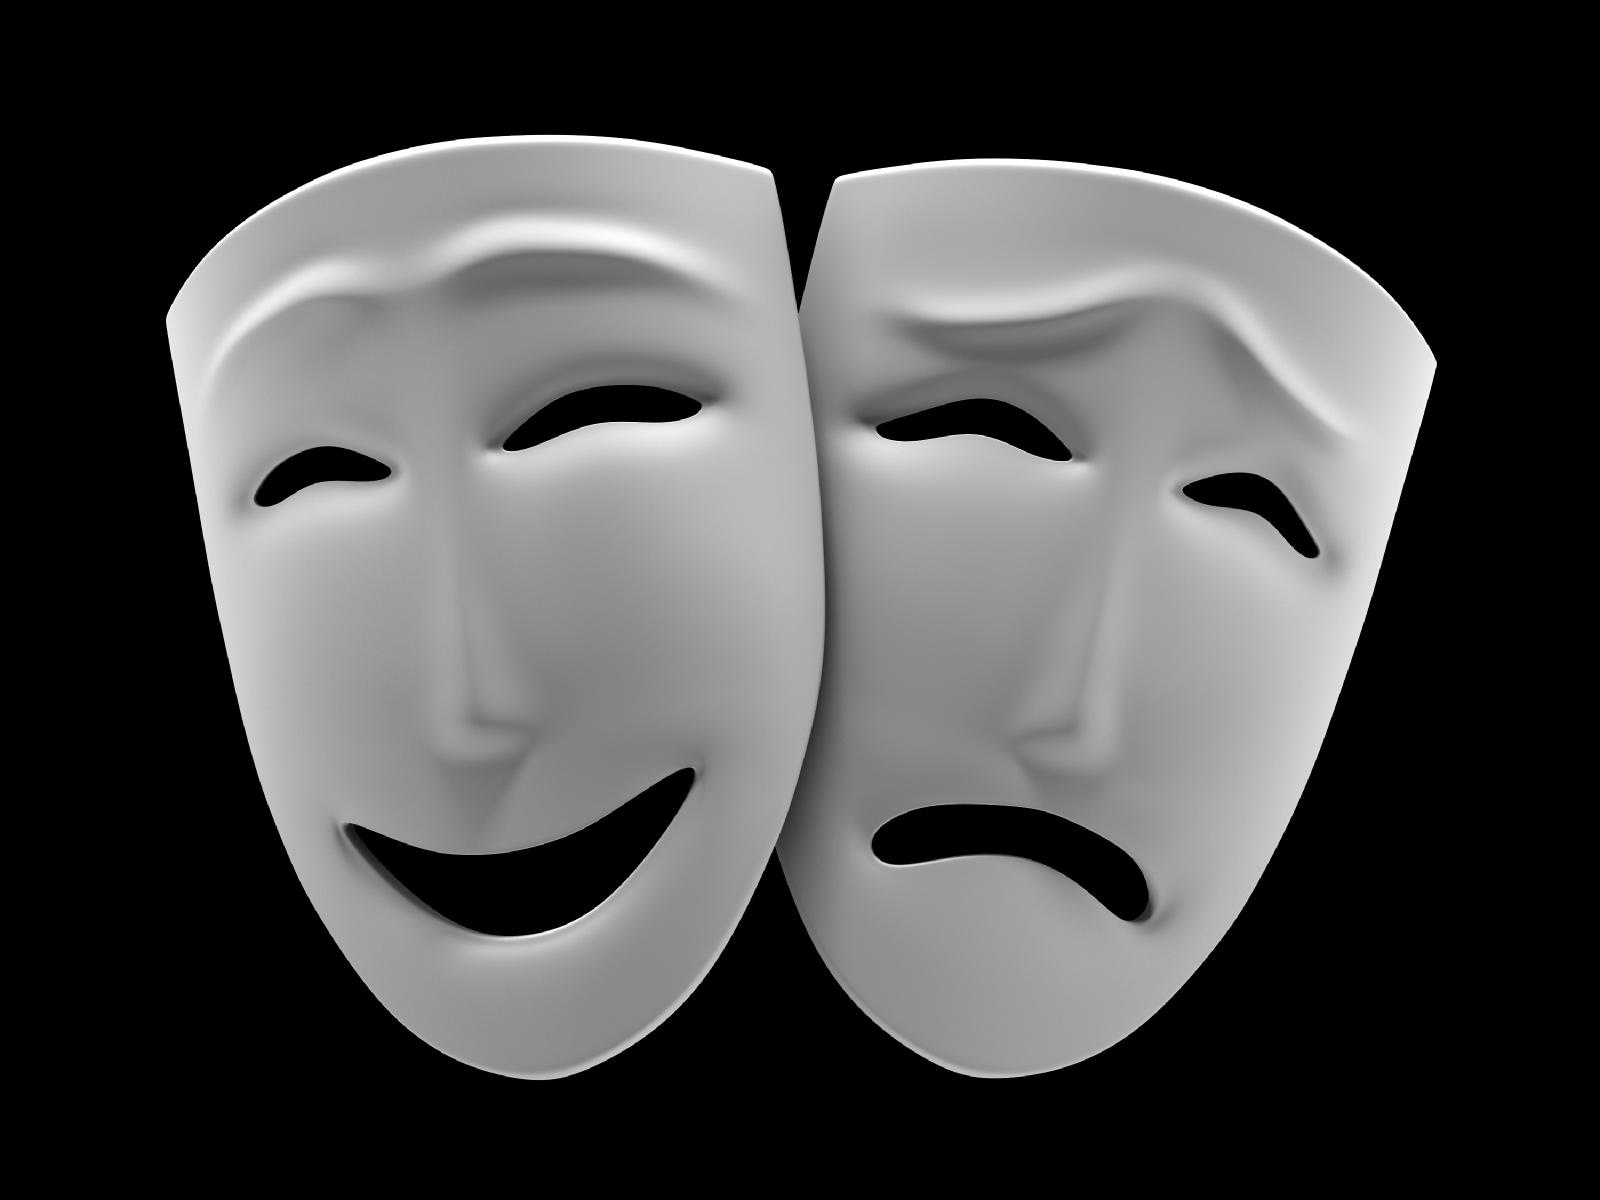 маски эмоций картинки белые такие